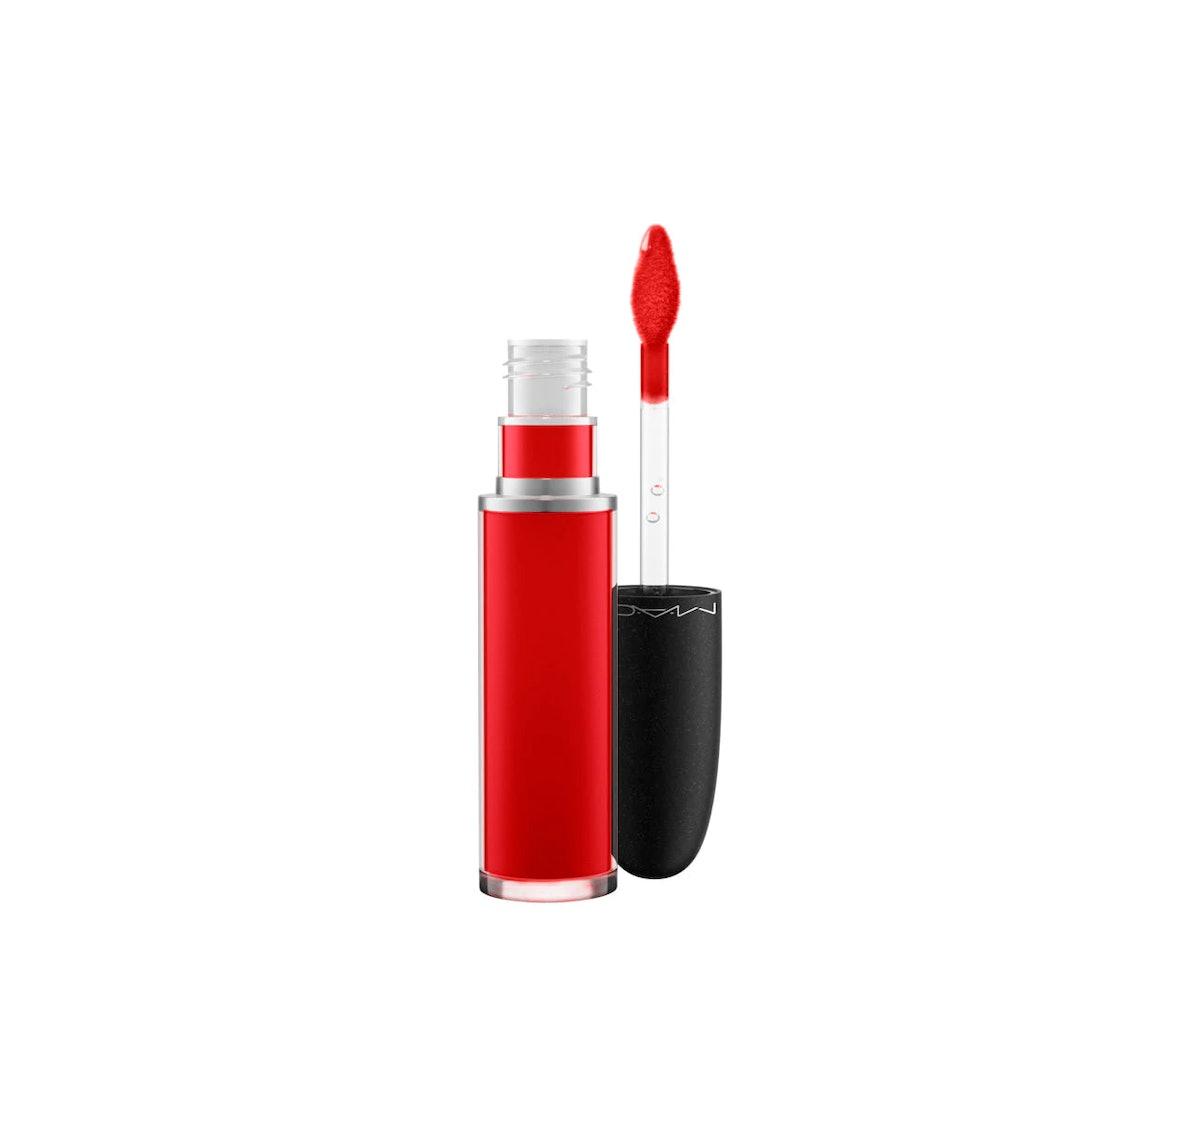 MAC Retro Matte Liquid Lipcolor in Fashion Legacy